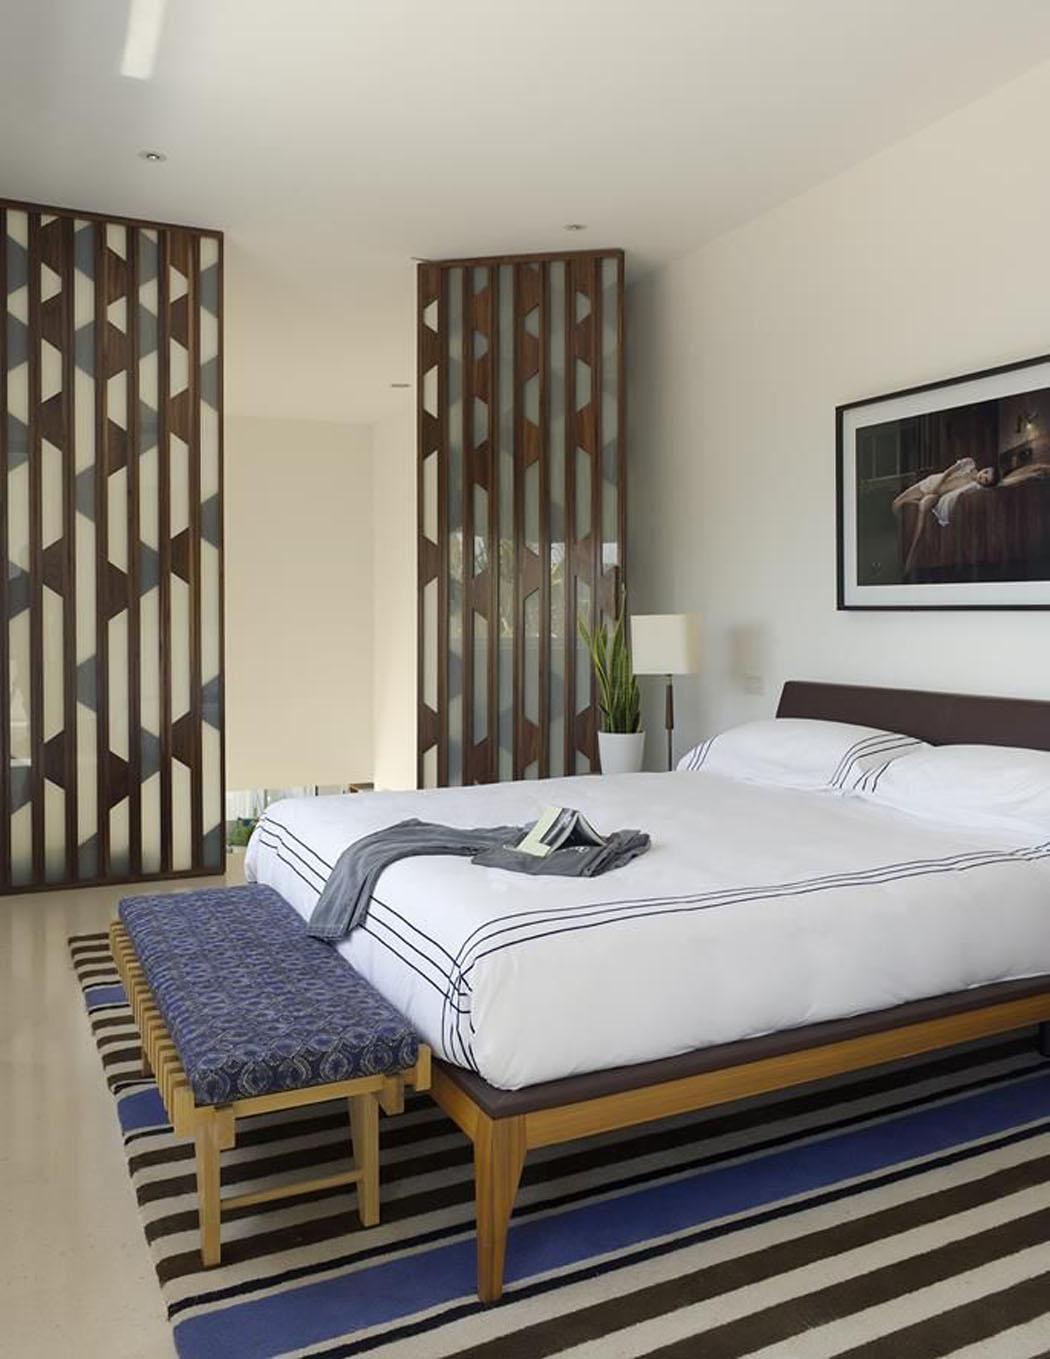 Magnifique maison de vacances moderne situ e ibiza for Petite maison luxueuse